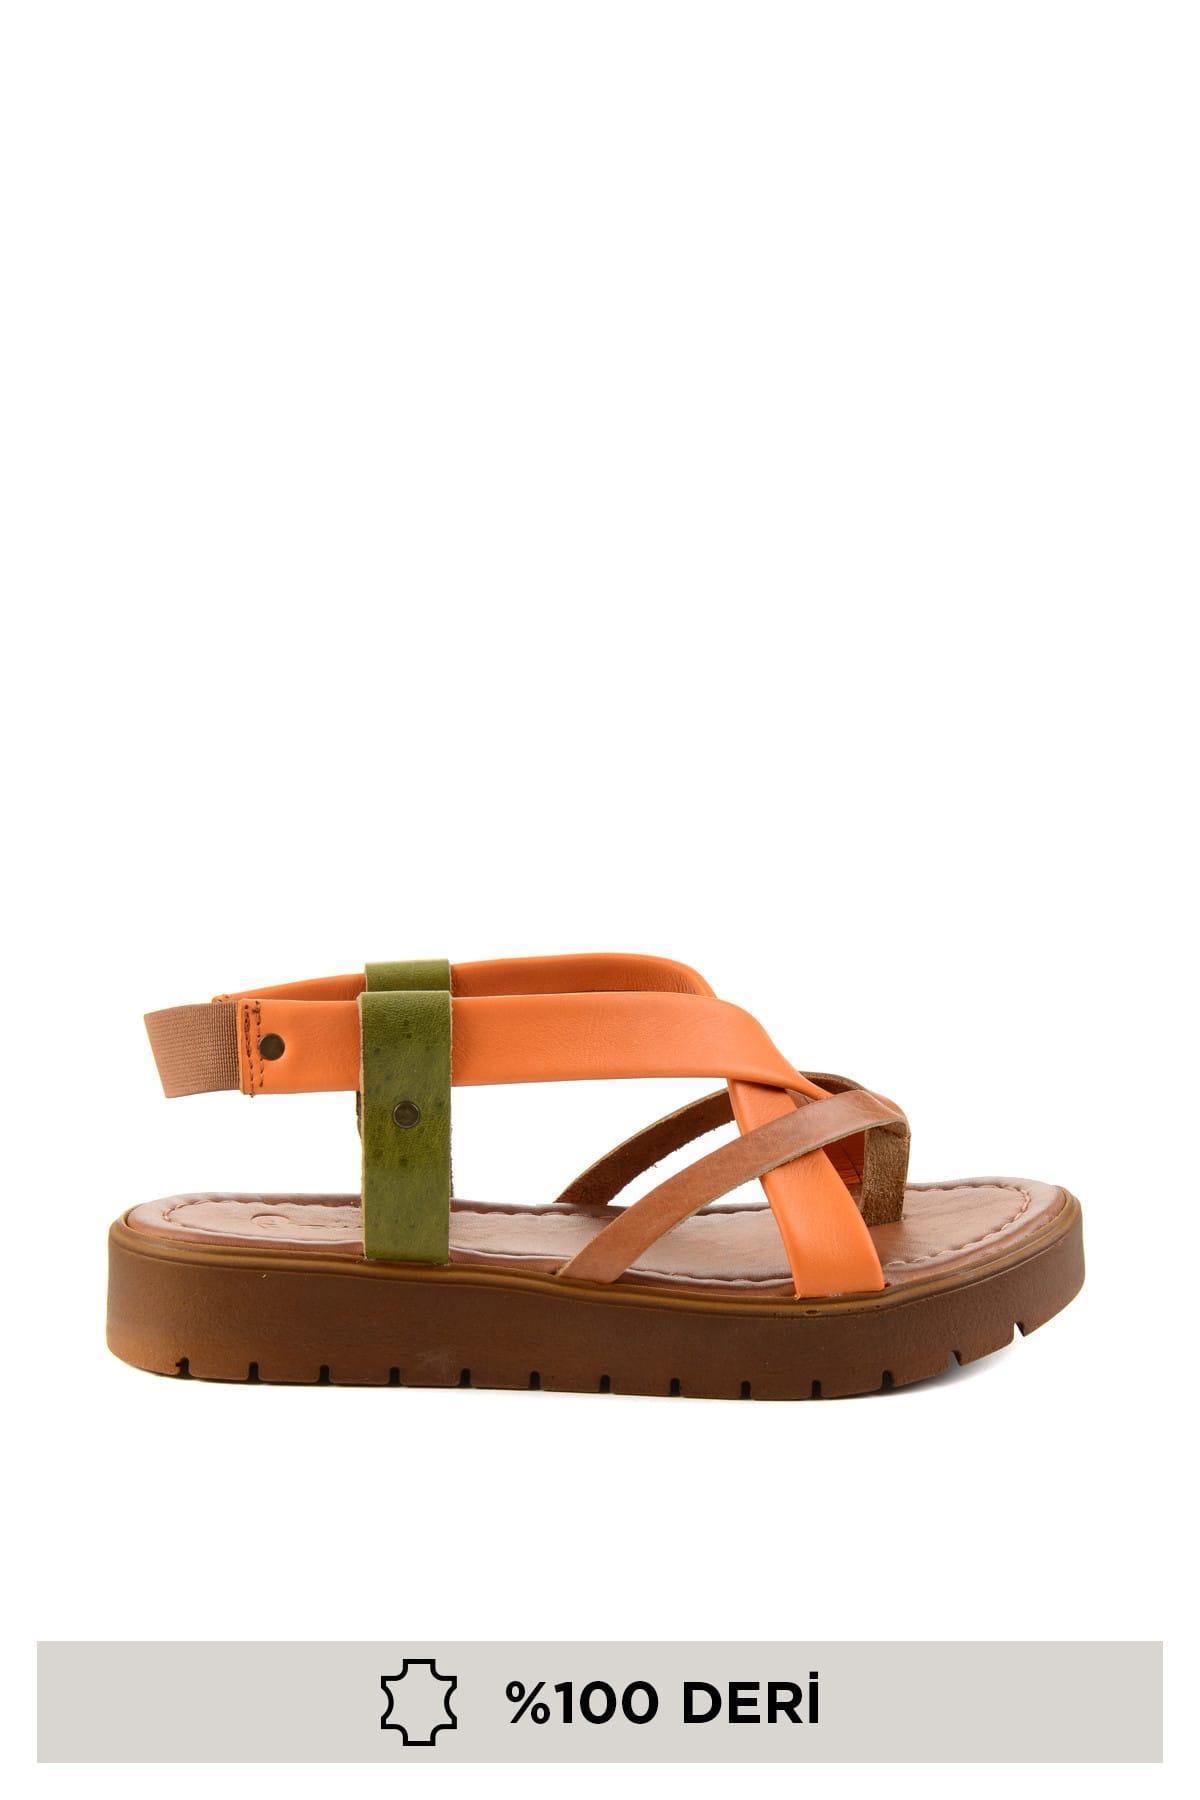 Tan Bambi cuero auténtico Naranja mujeres 'S sandalias H06840960